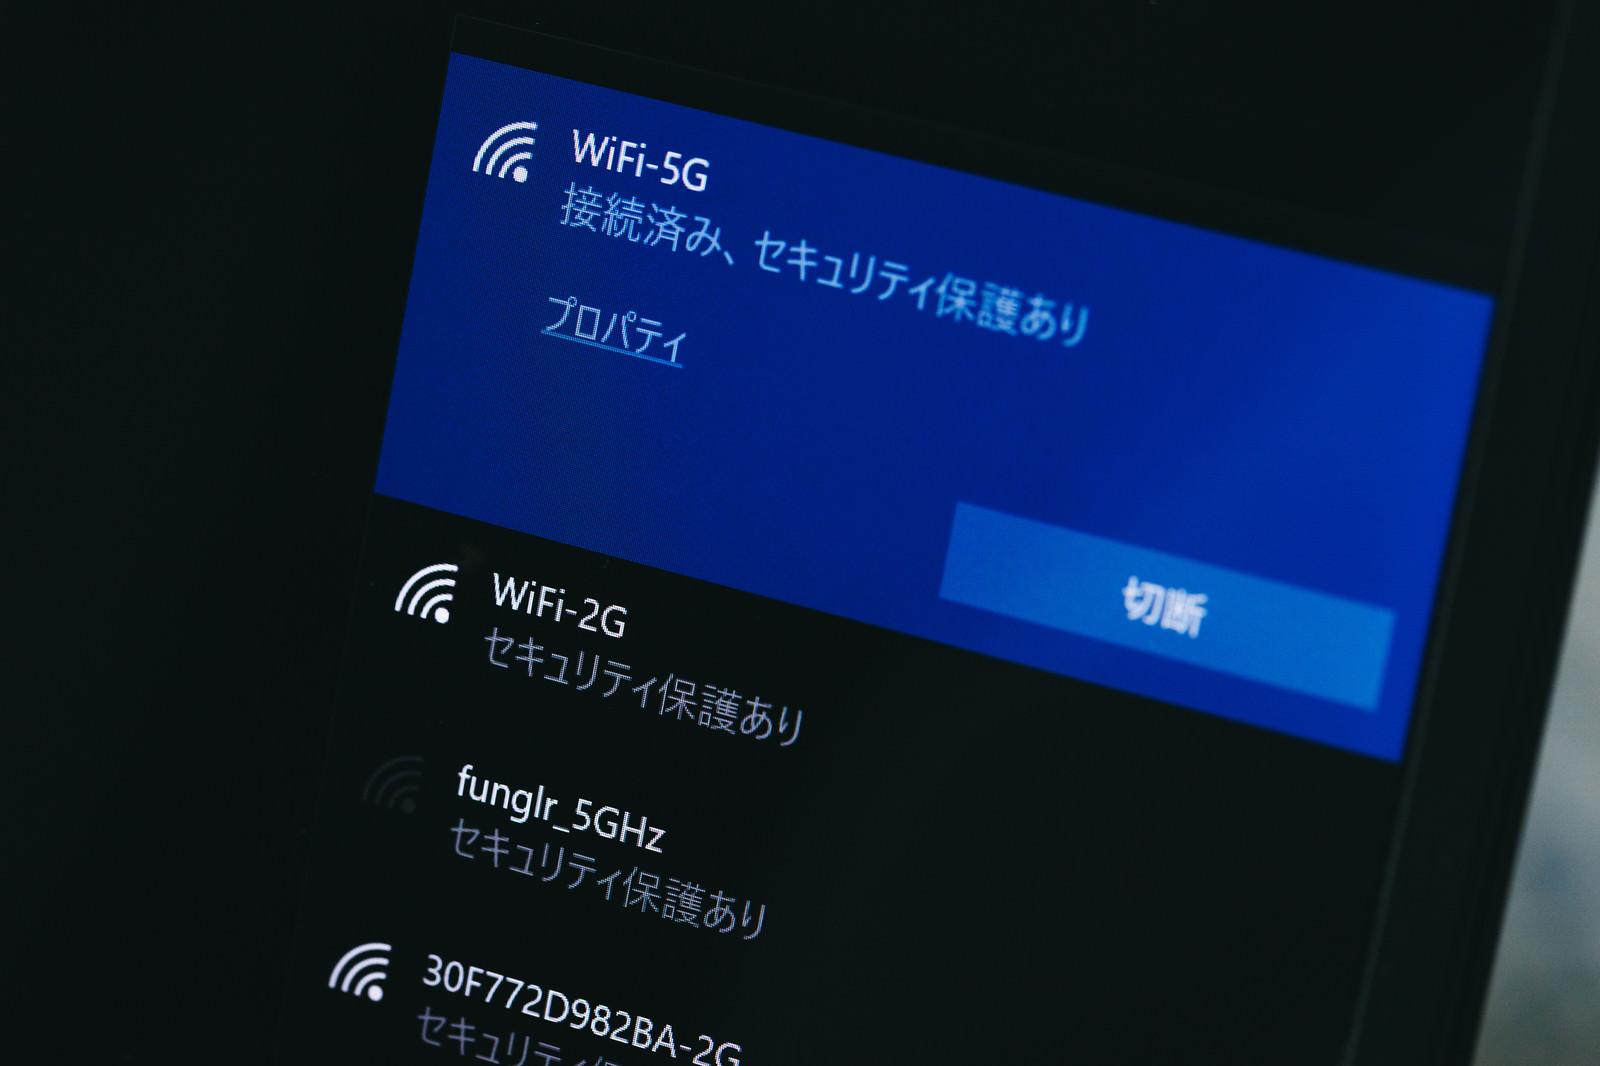 「WiFi 5G」の写真